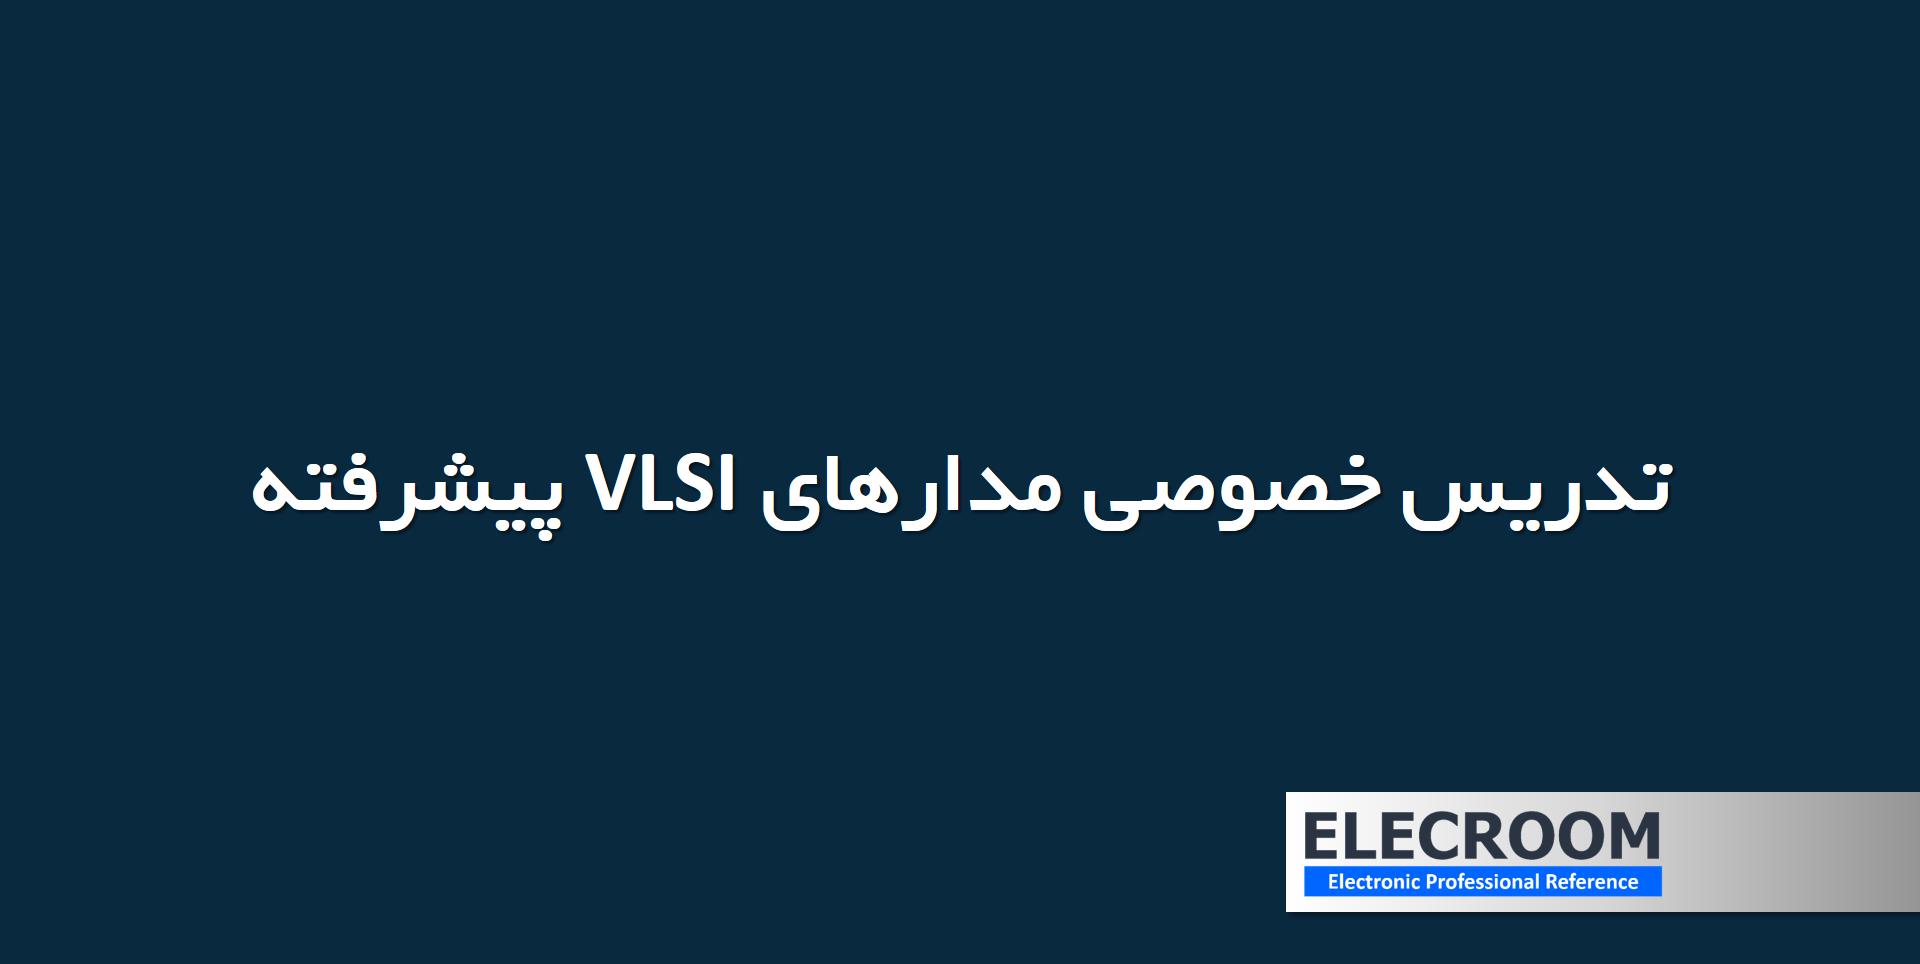 تدریس خصوصی VLSI پیشرفته